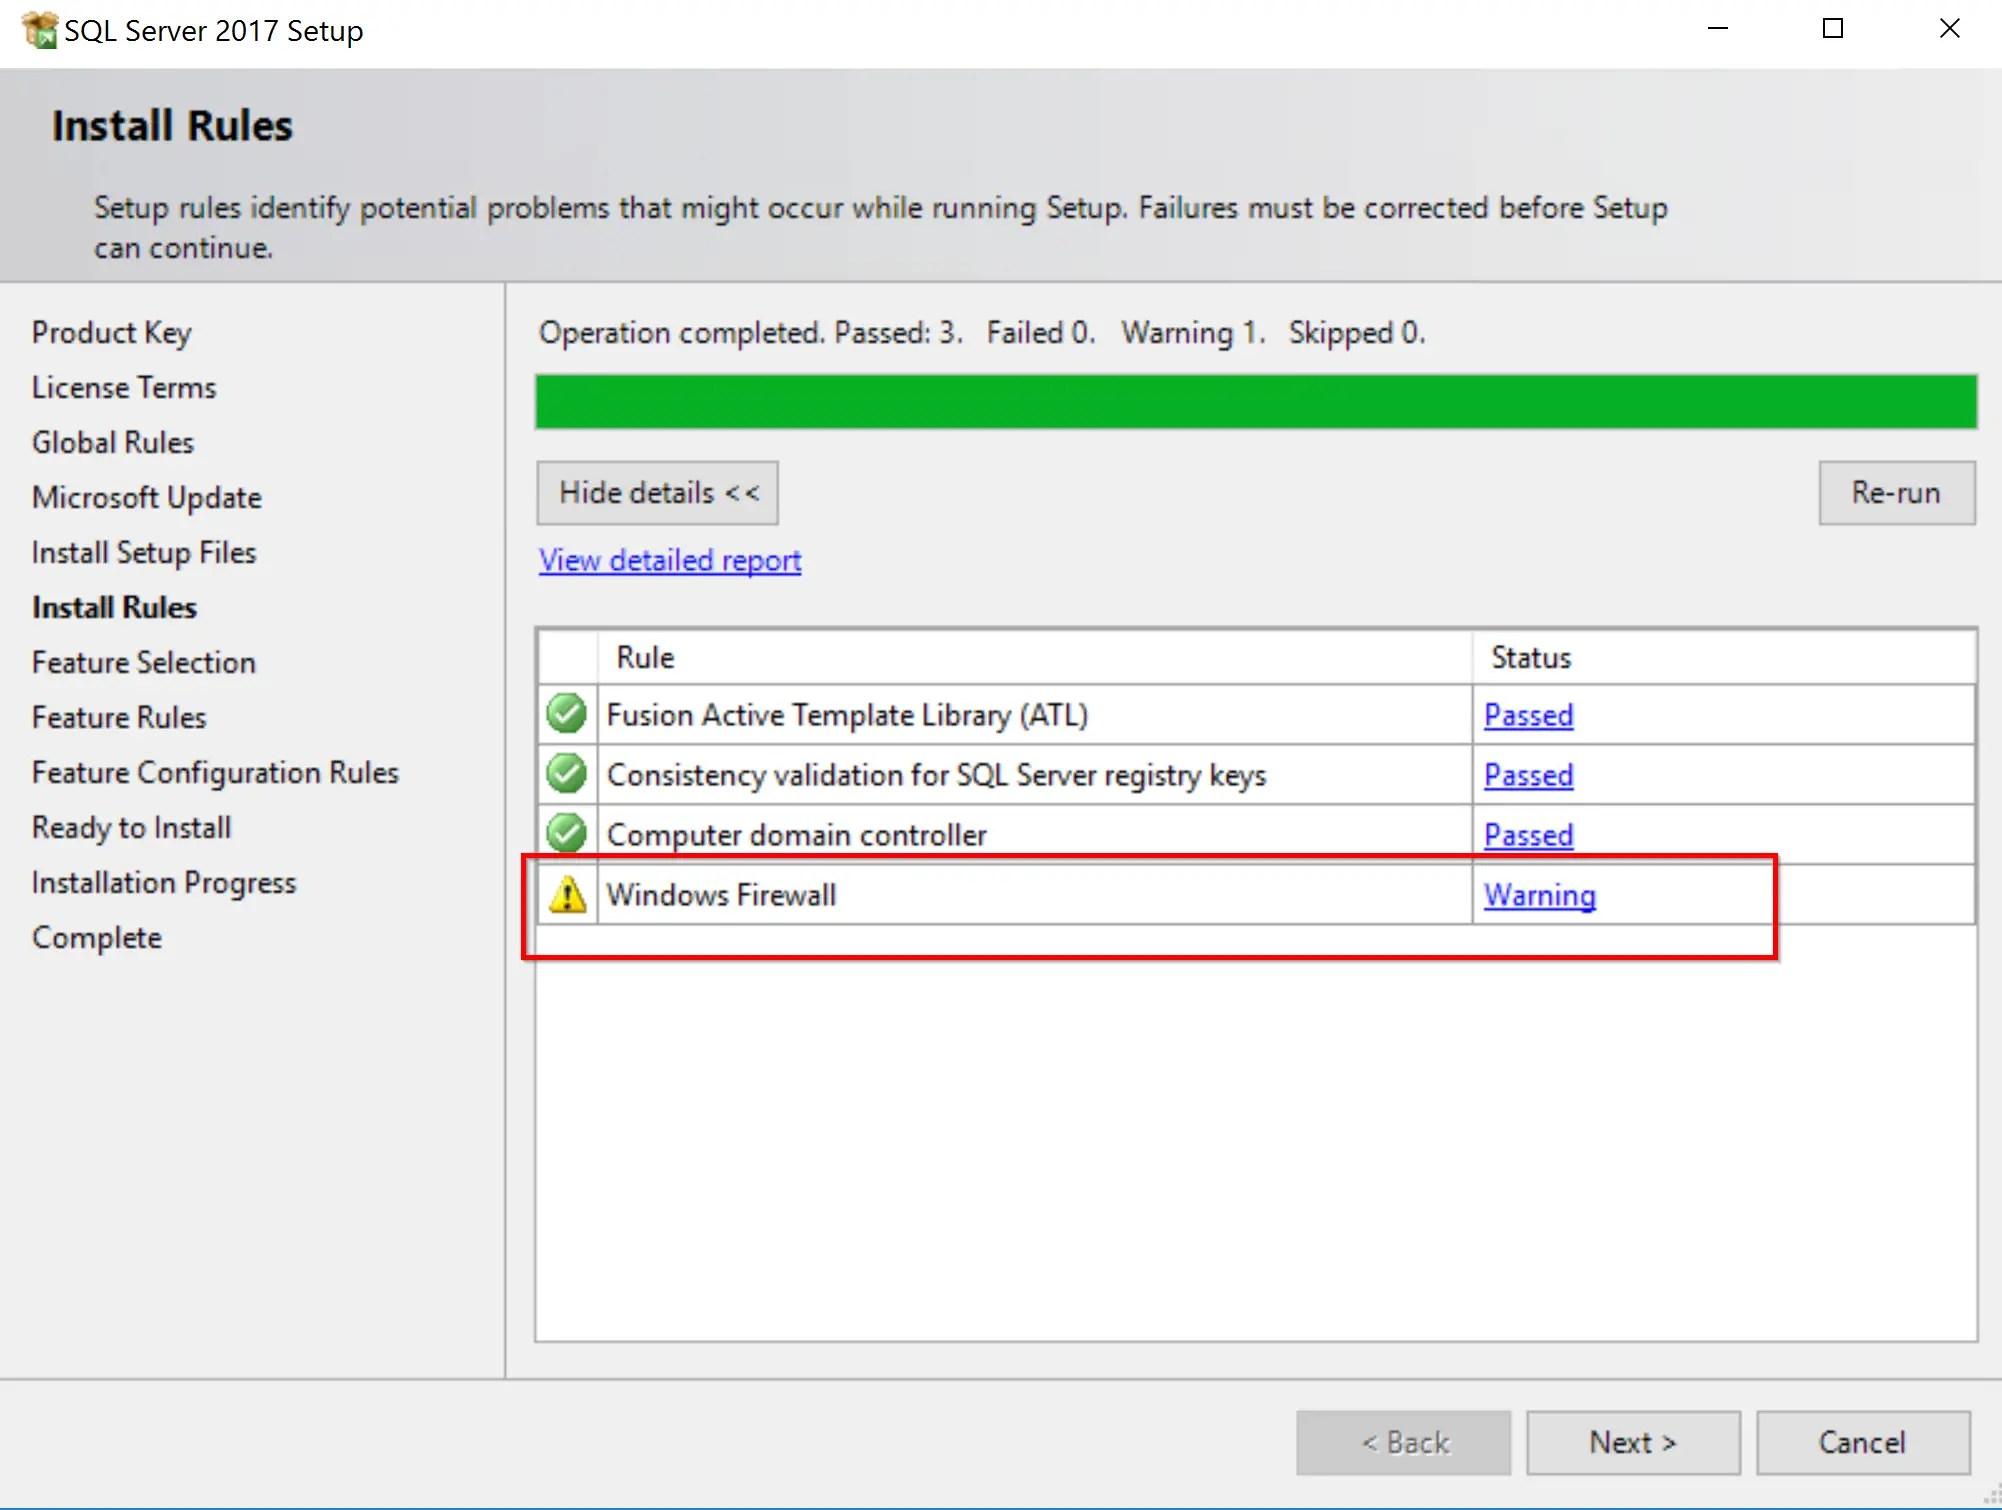 SQL Server 2017 Step by step for SCCM Installation 6